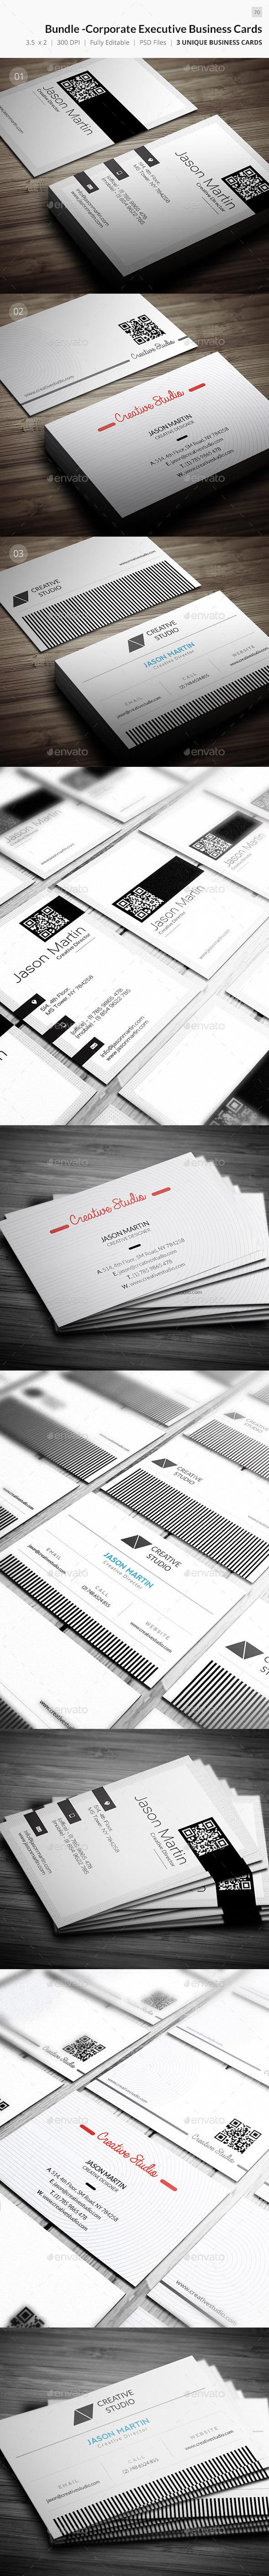 Bundle - Corporate Executive Business Cards - 70 - Corporate Business Cards